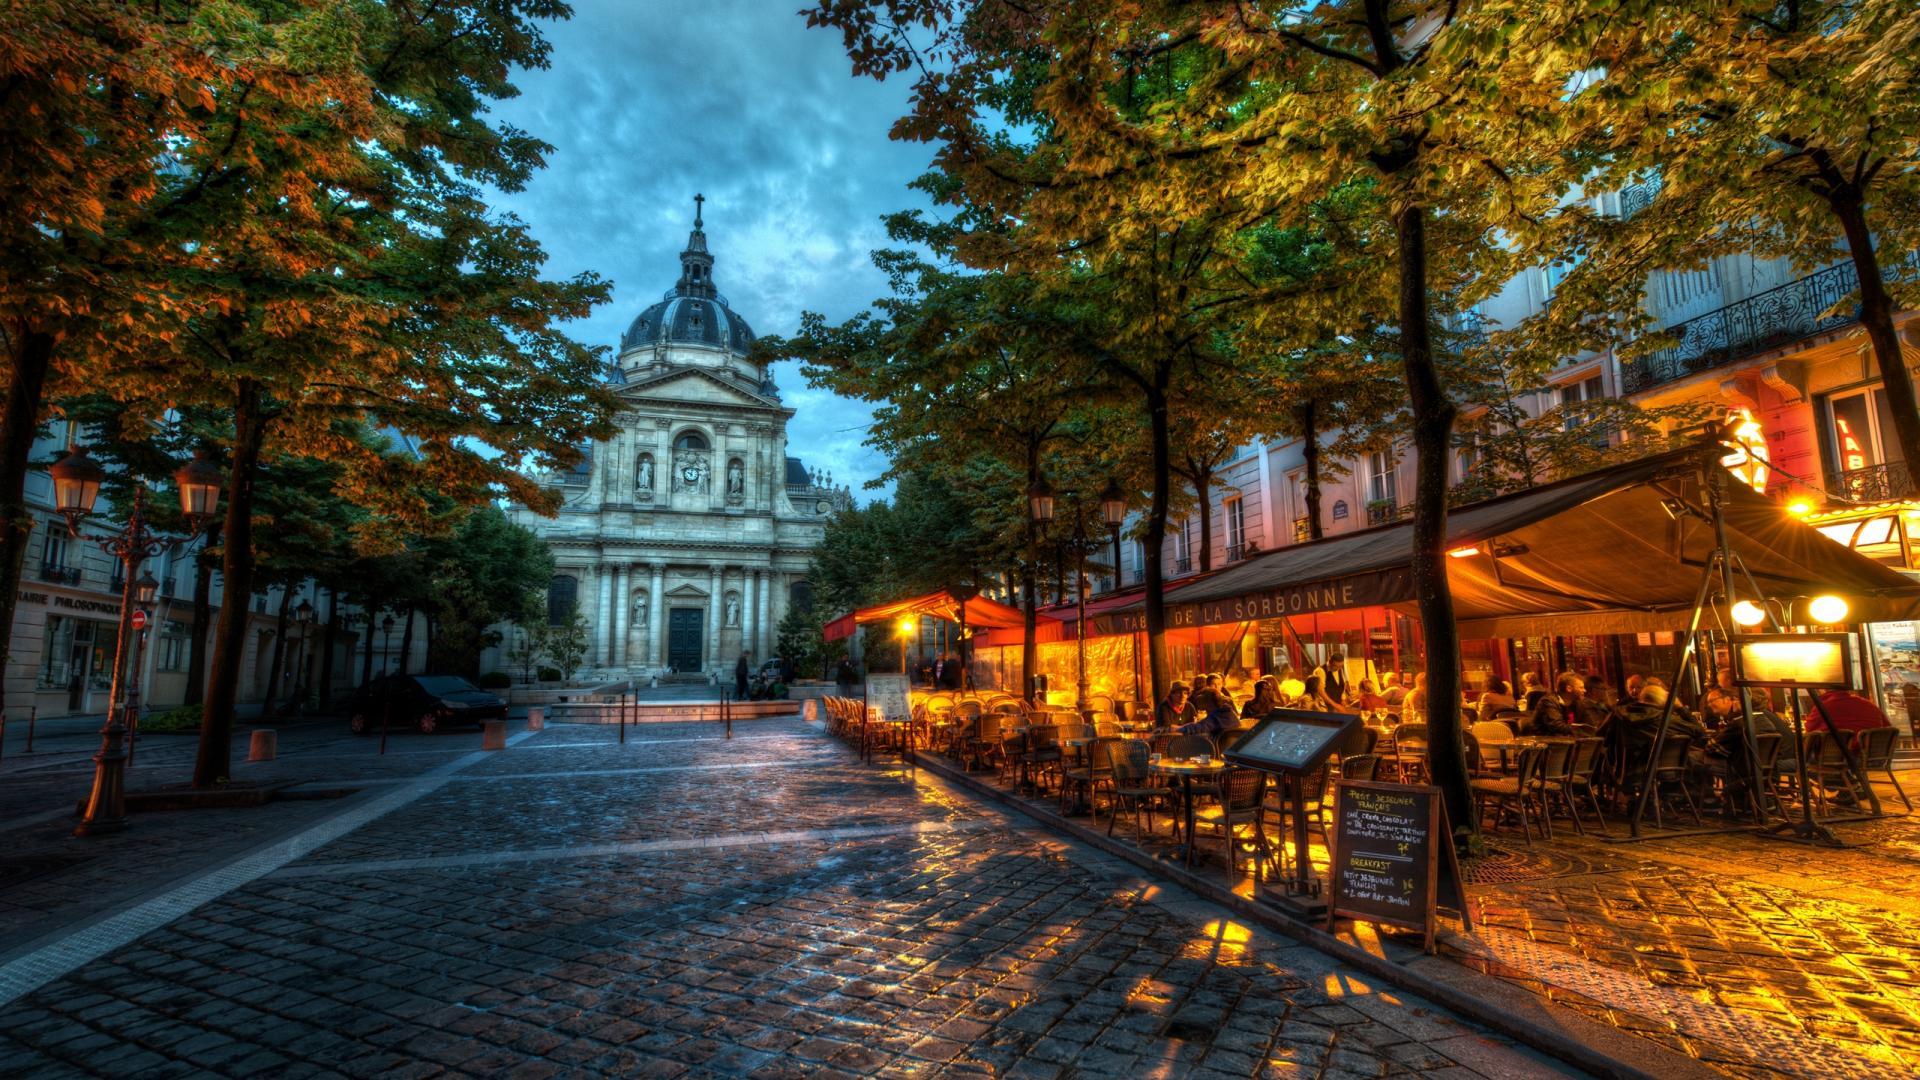 到巴黎索邦大学感受学院氛围 法国文学教学的殿堂,欧洲最古老的大学之